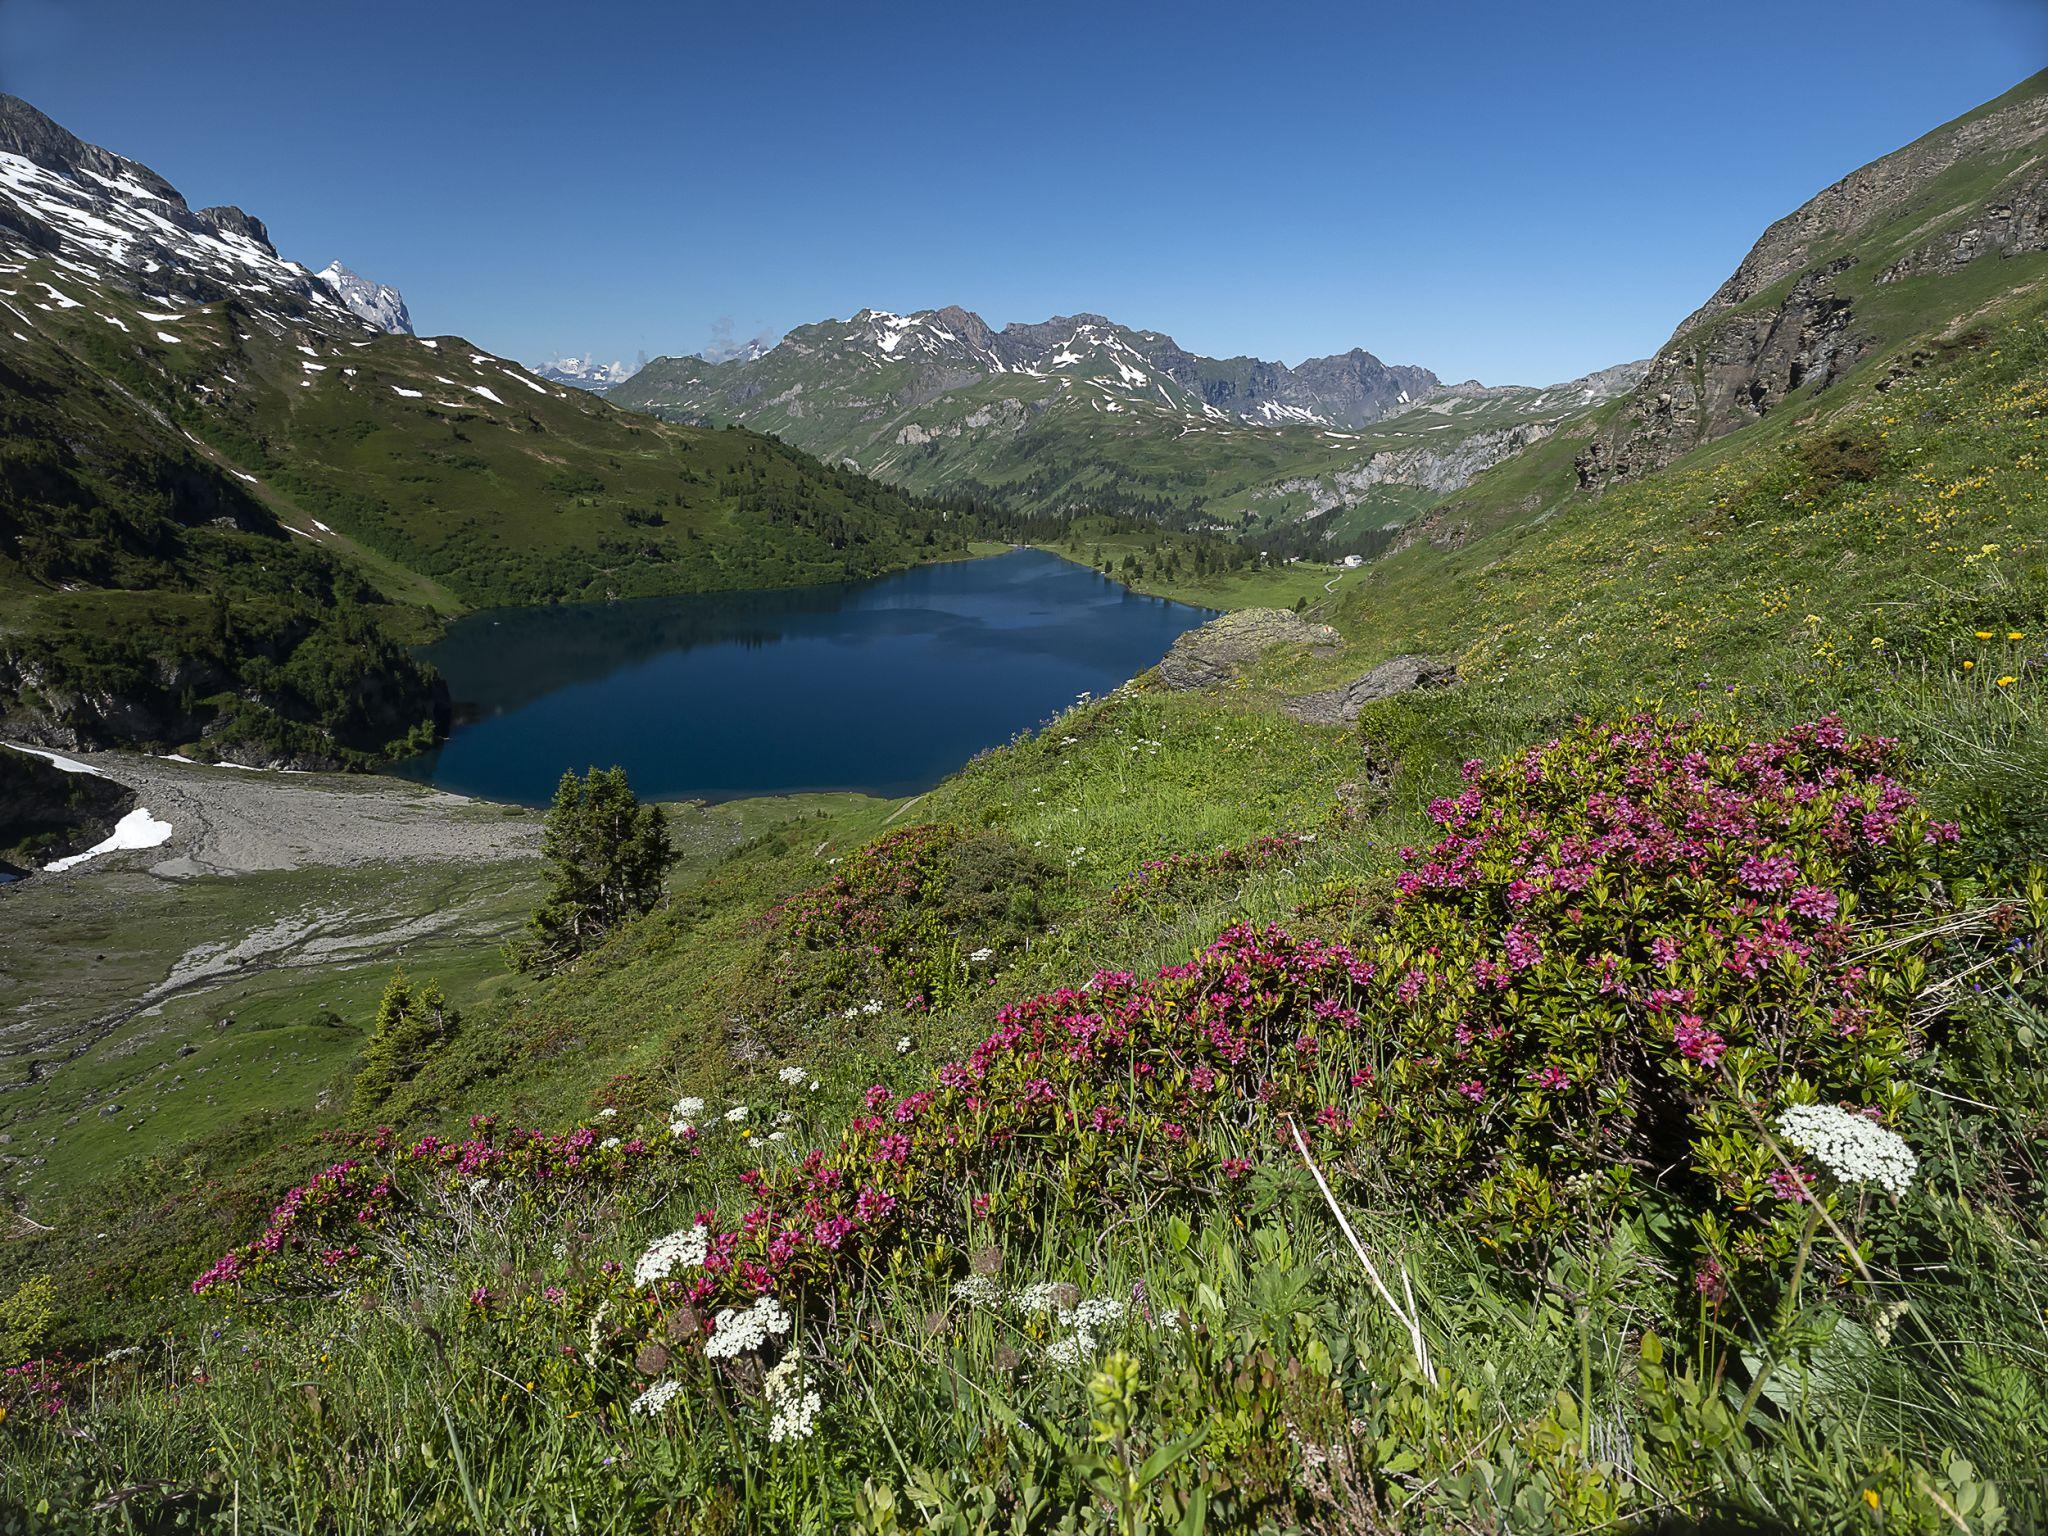 Engstlensee, Switzerland